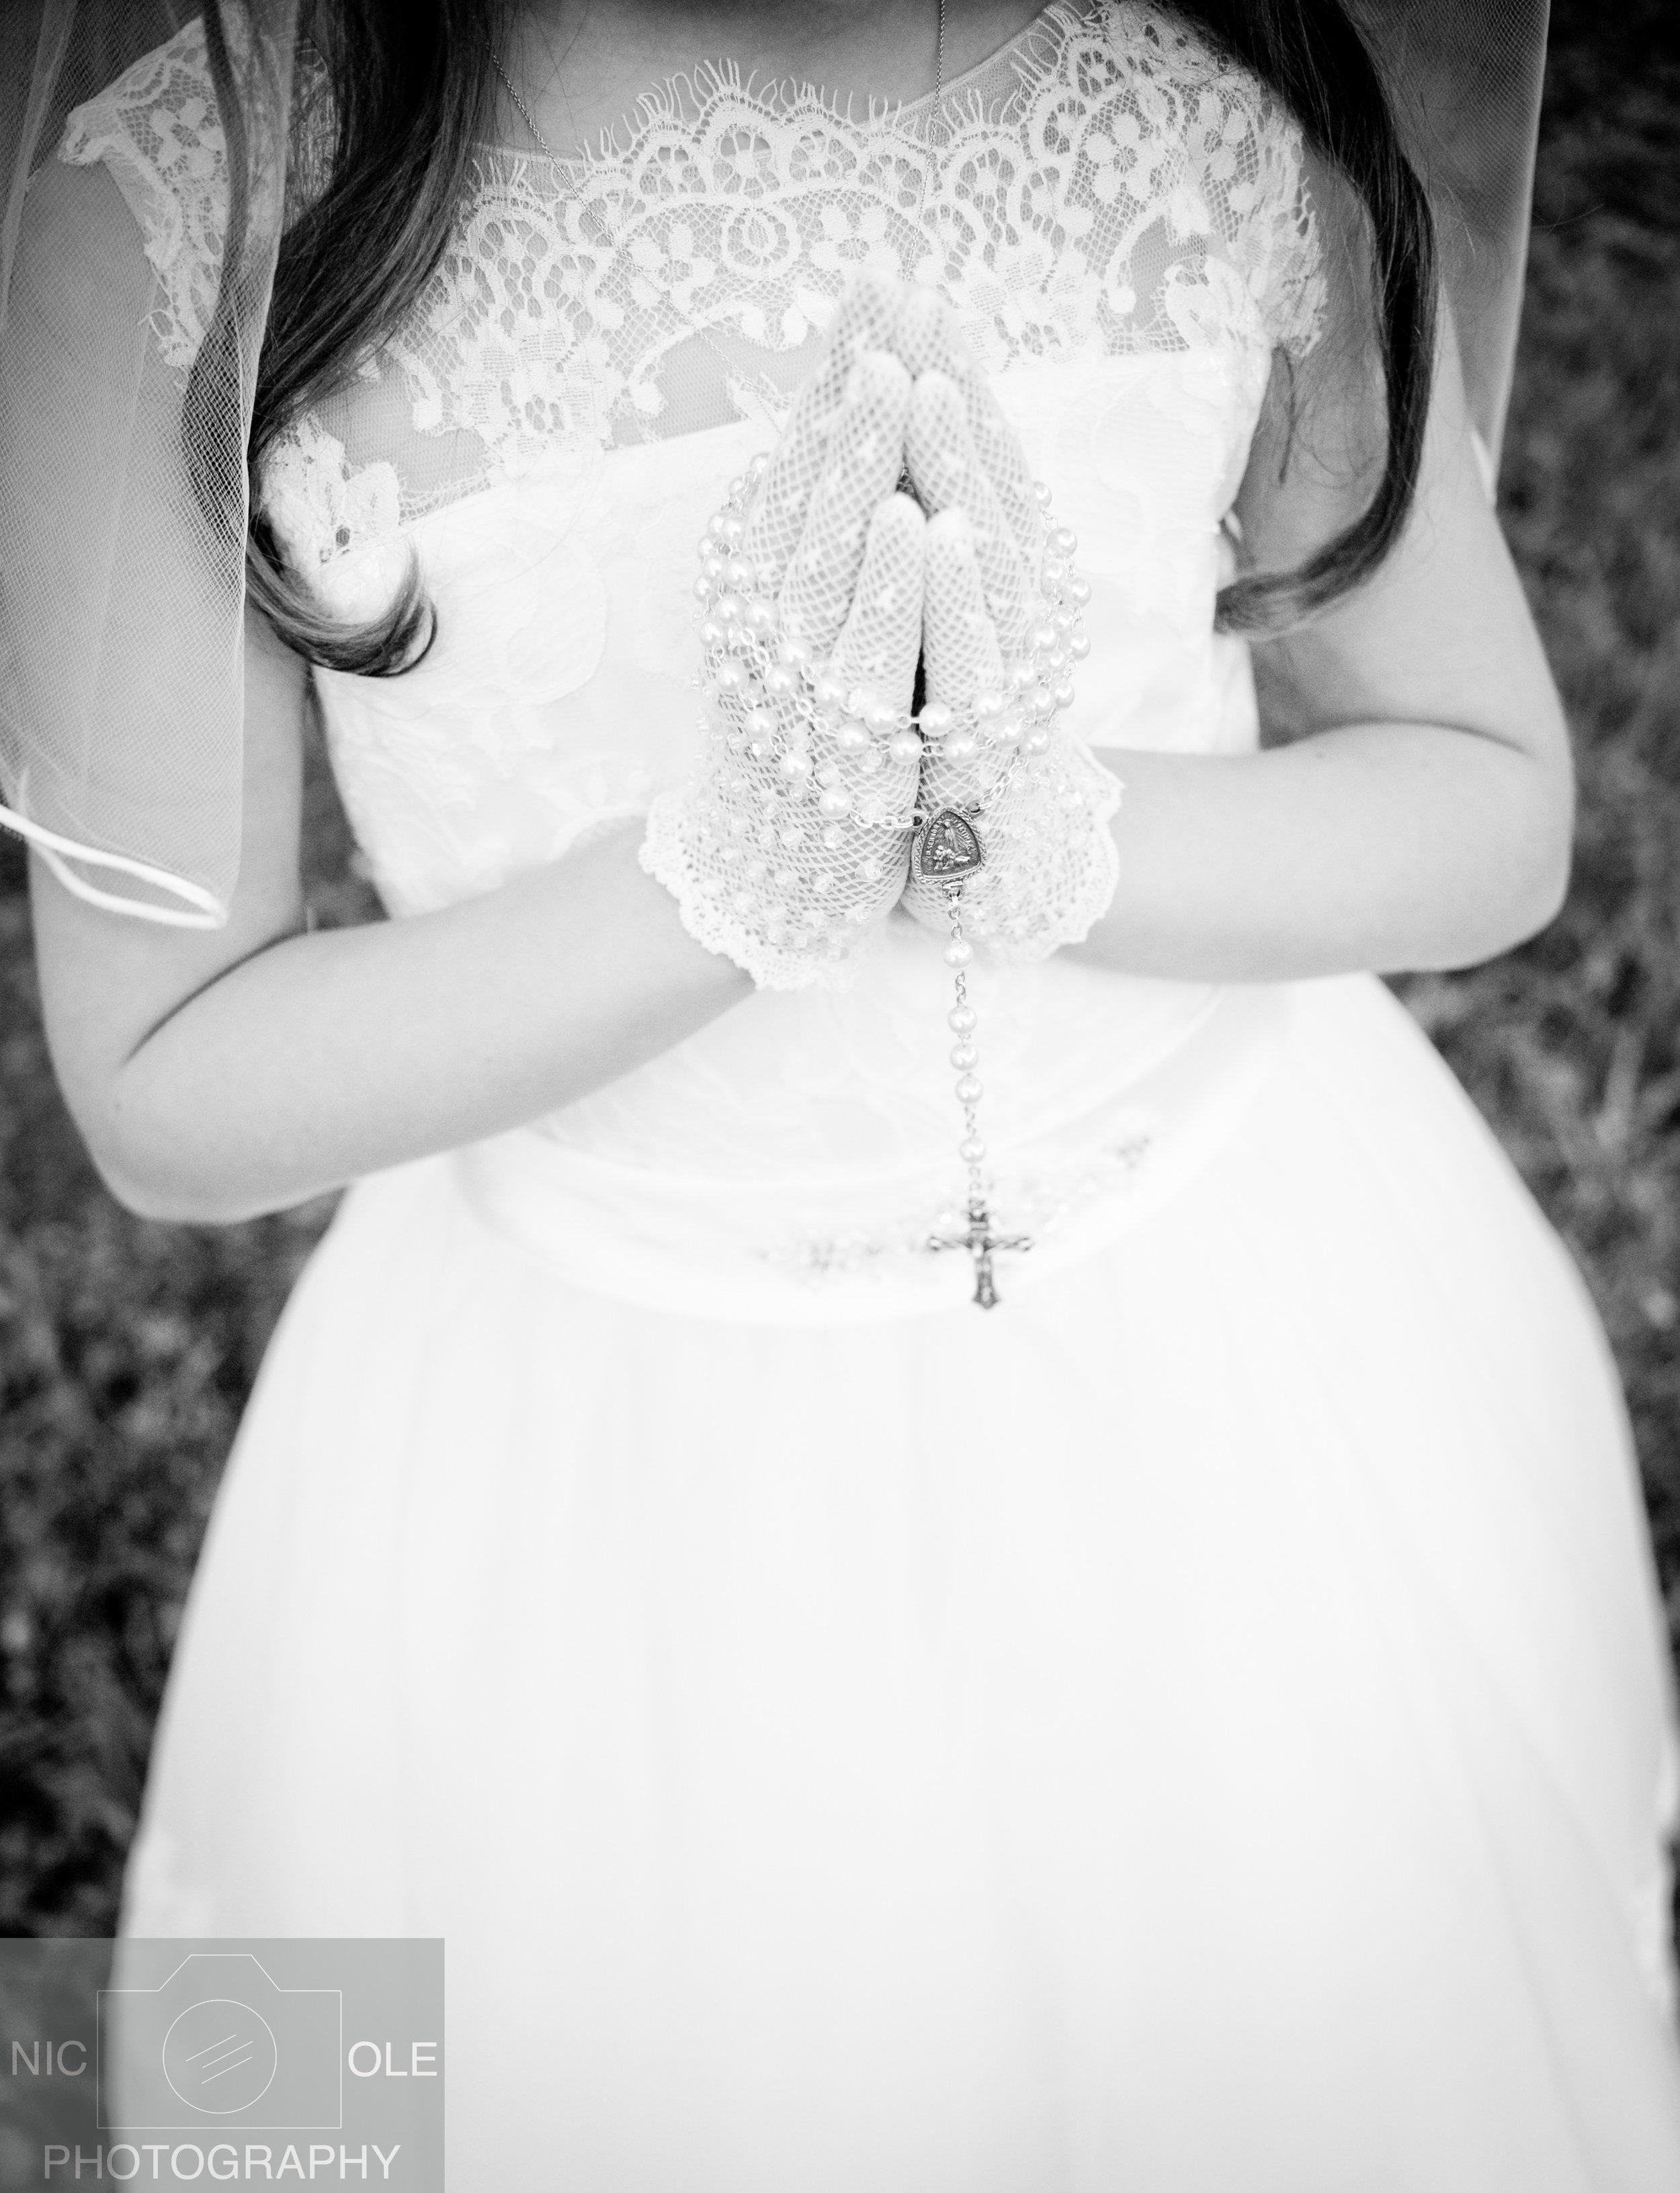 Caitlin's Communion 2017-NIC-OLE Photography-2.jpg